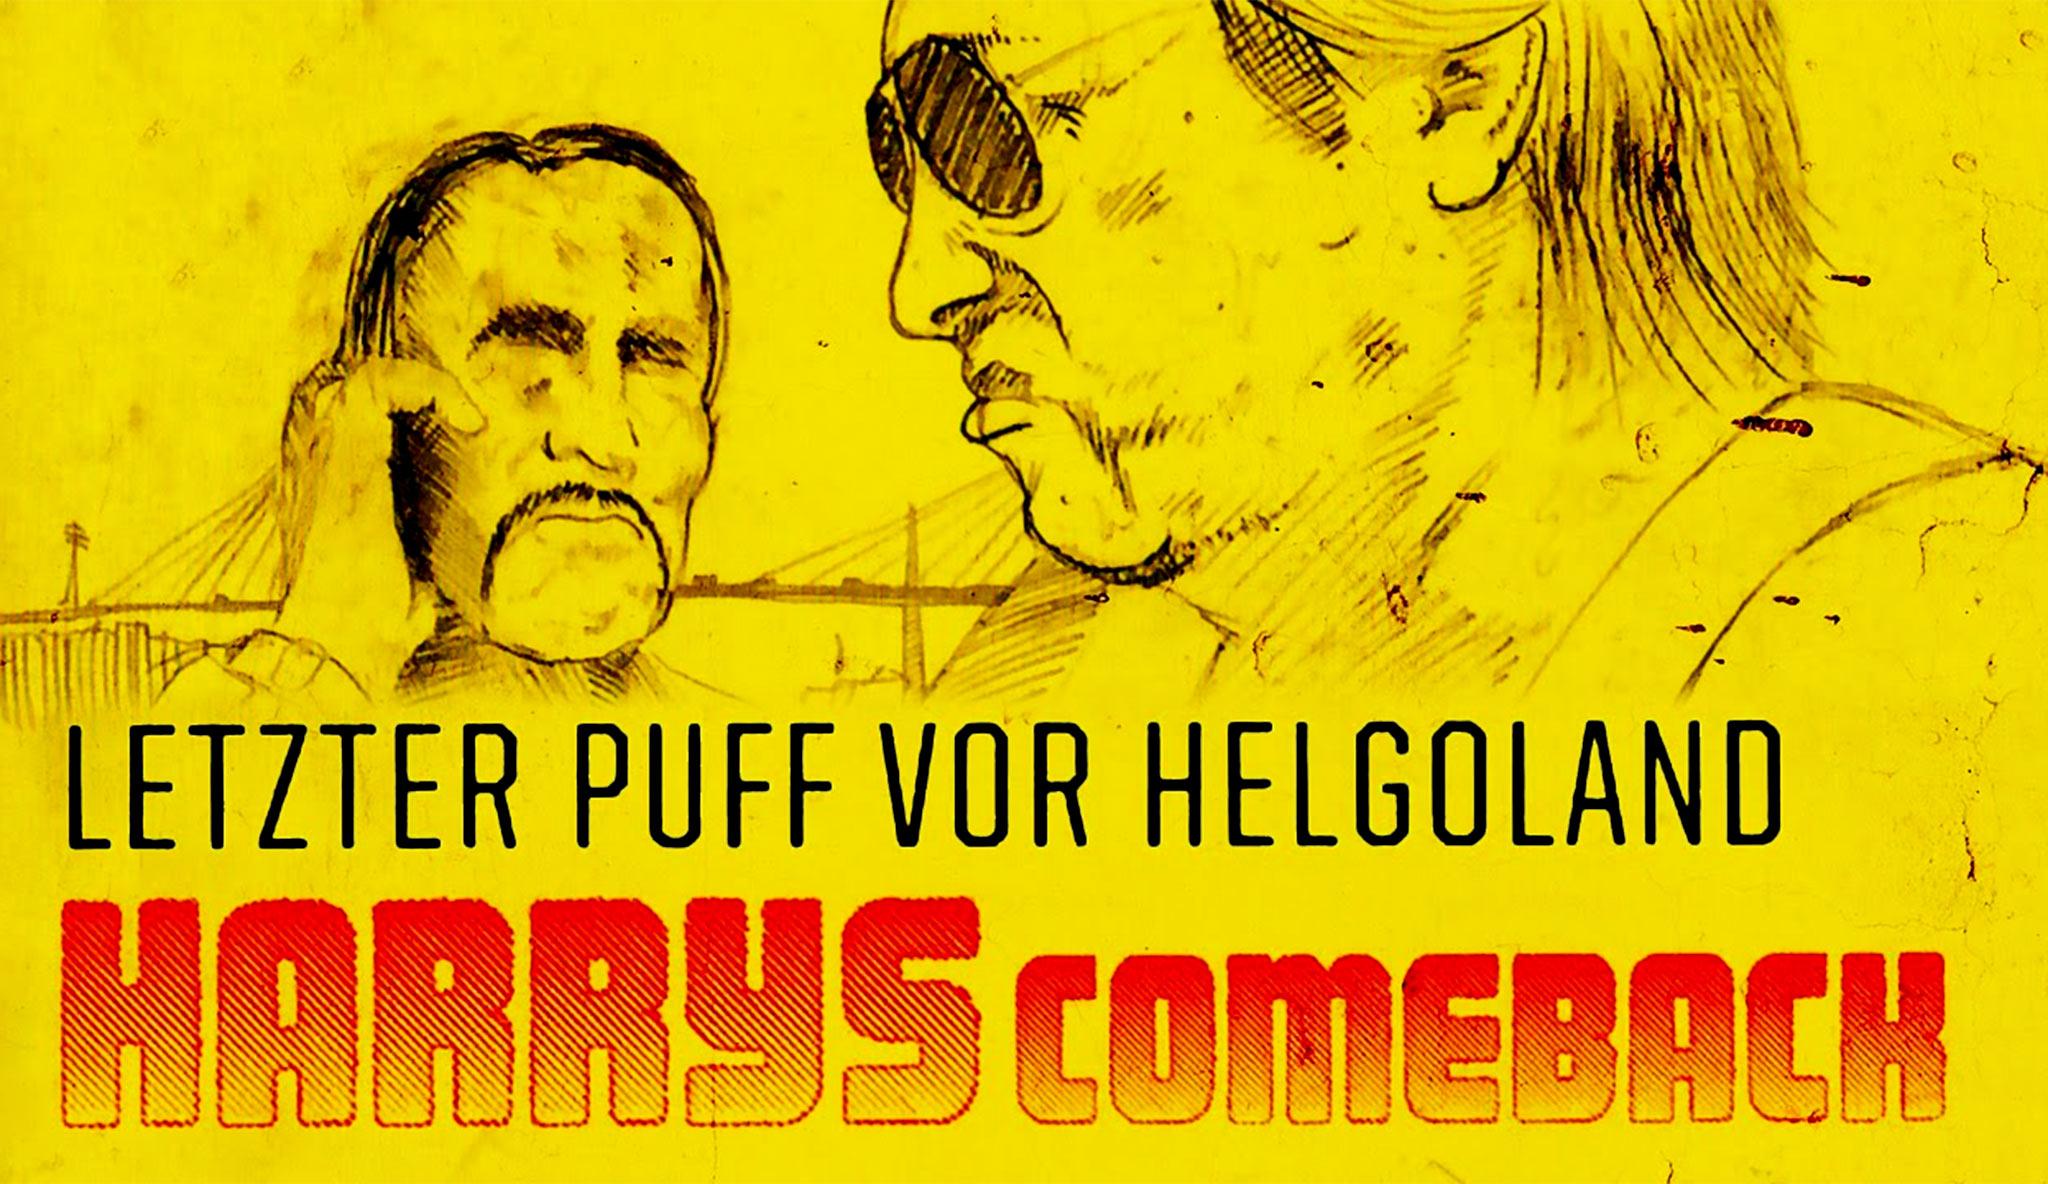 harrys-comeback-letzter-puff-vor-helgoland\header.jpg